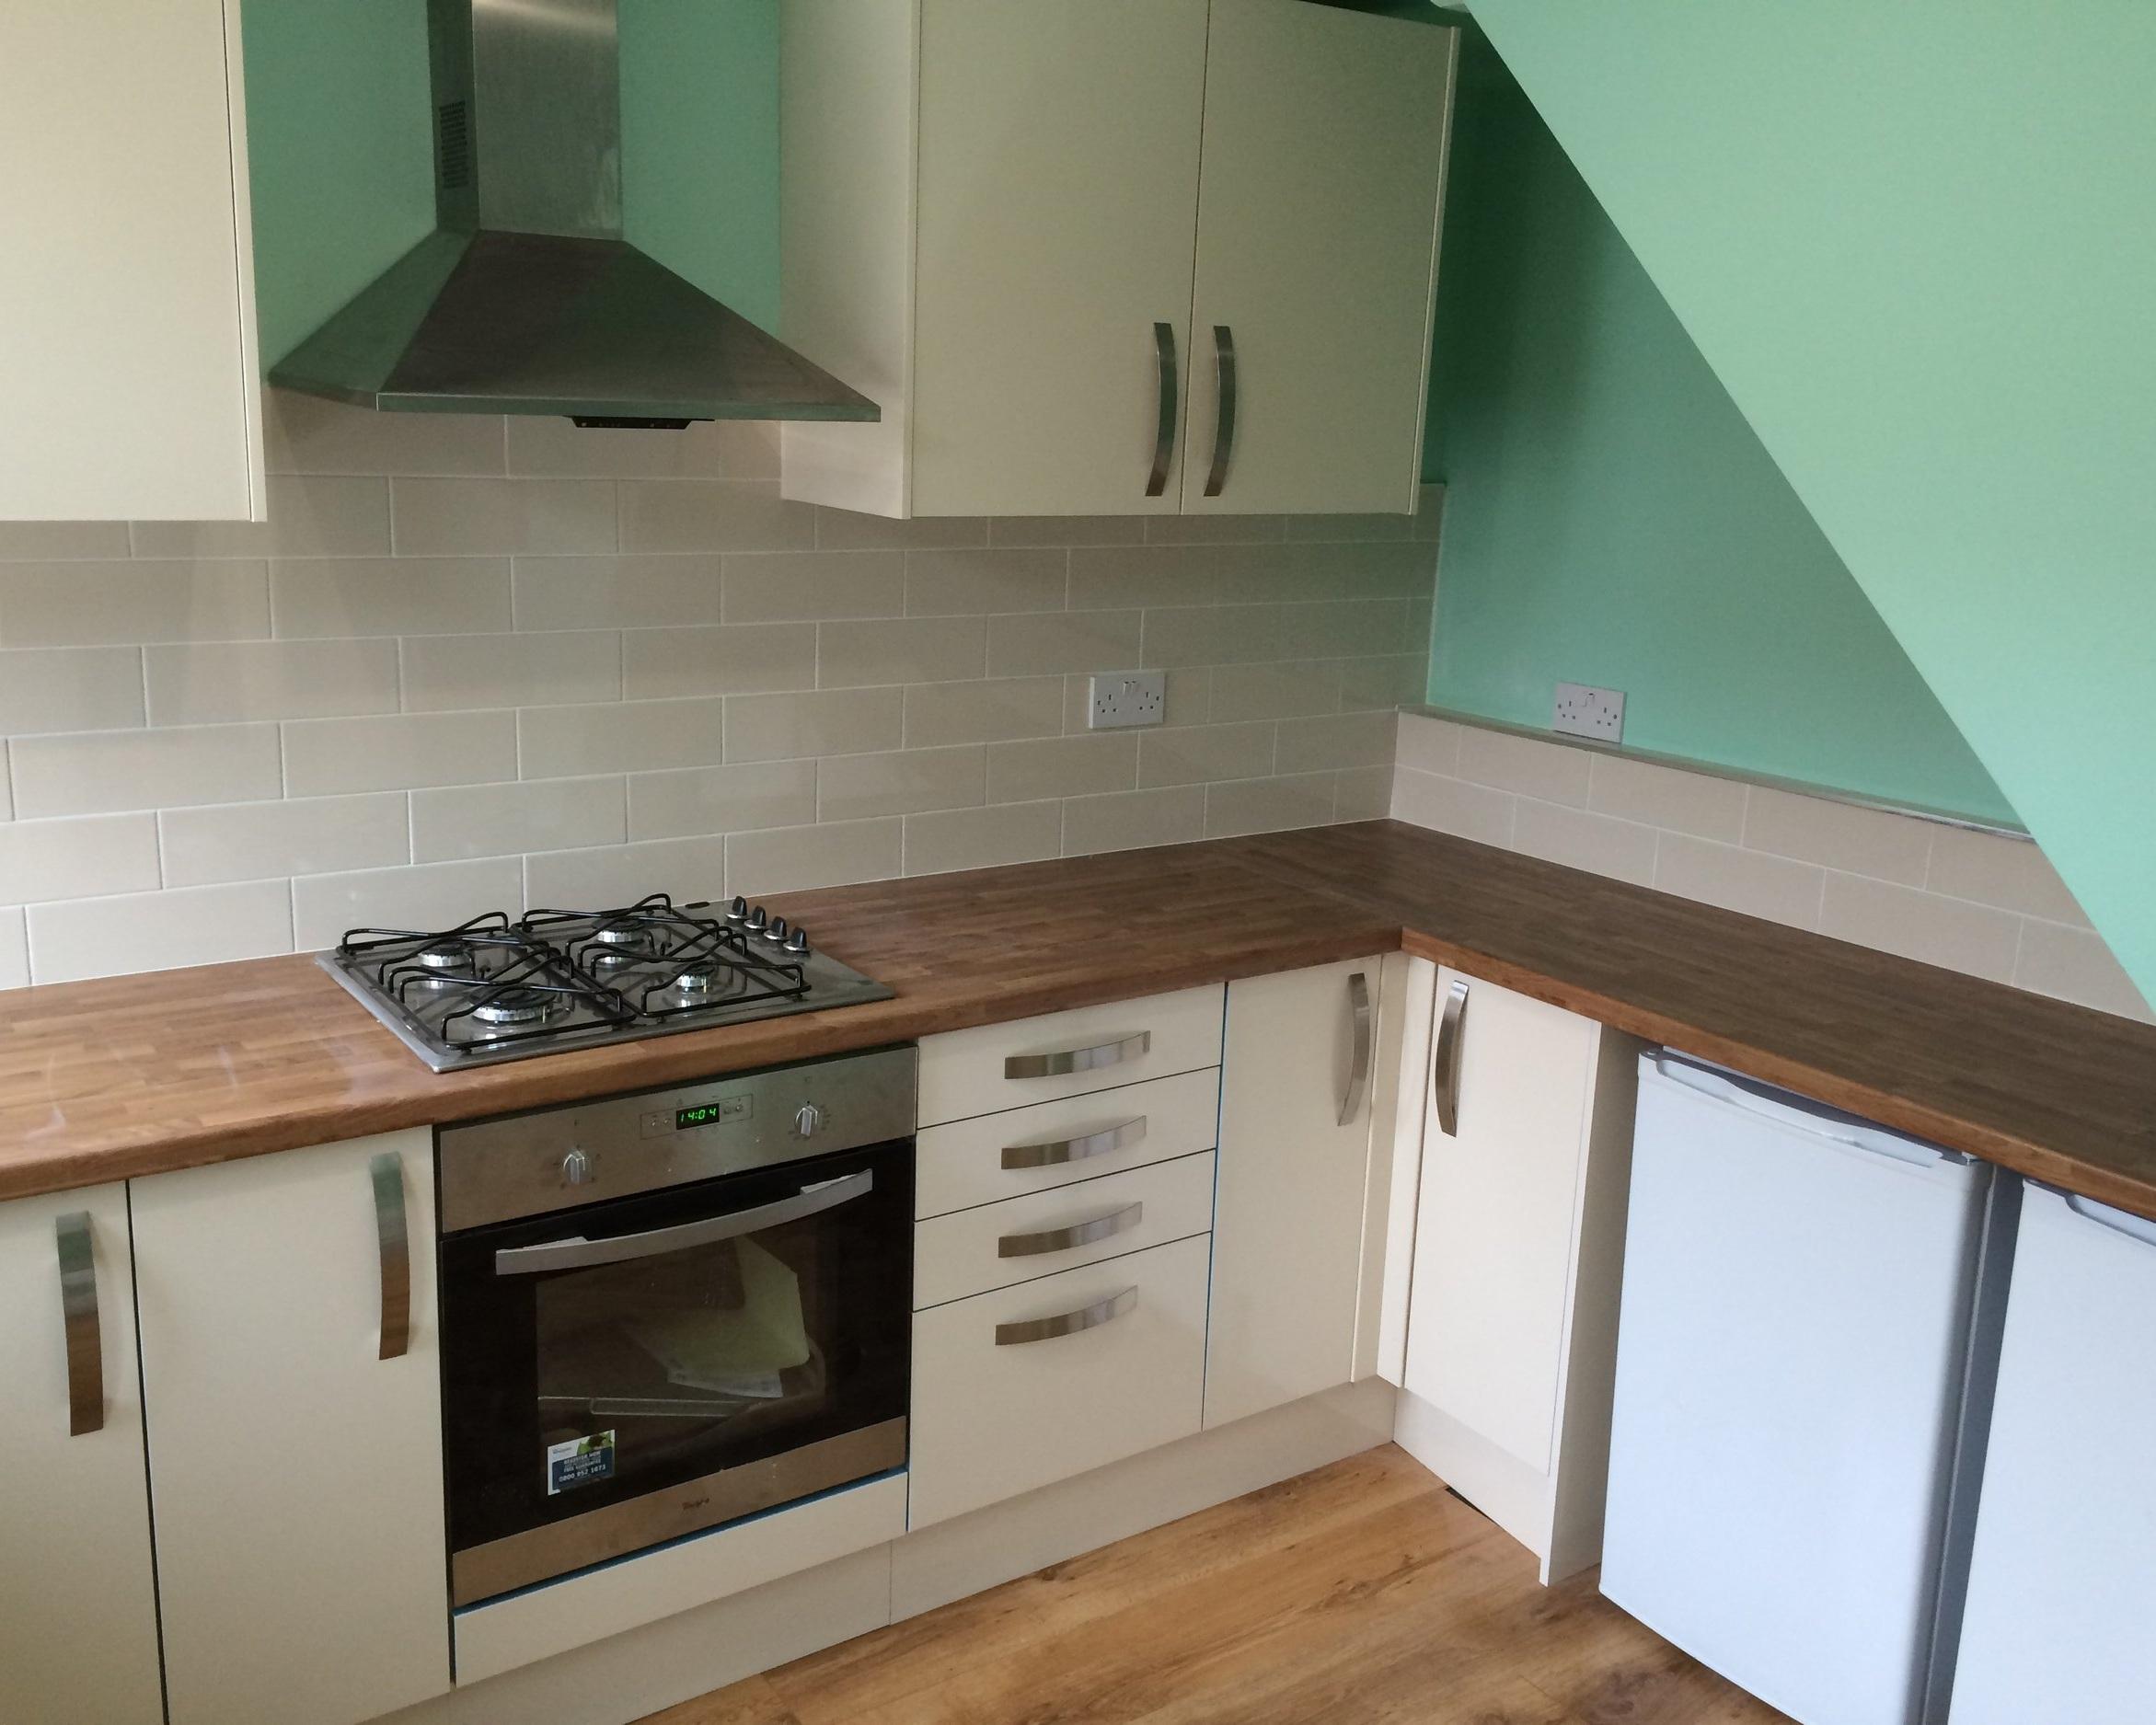 Cream kitchen with brown wooden worktops